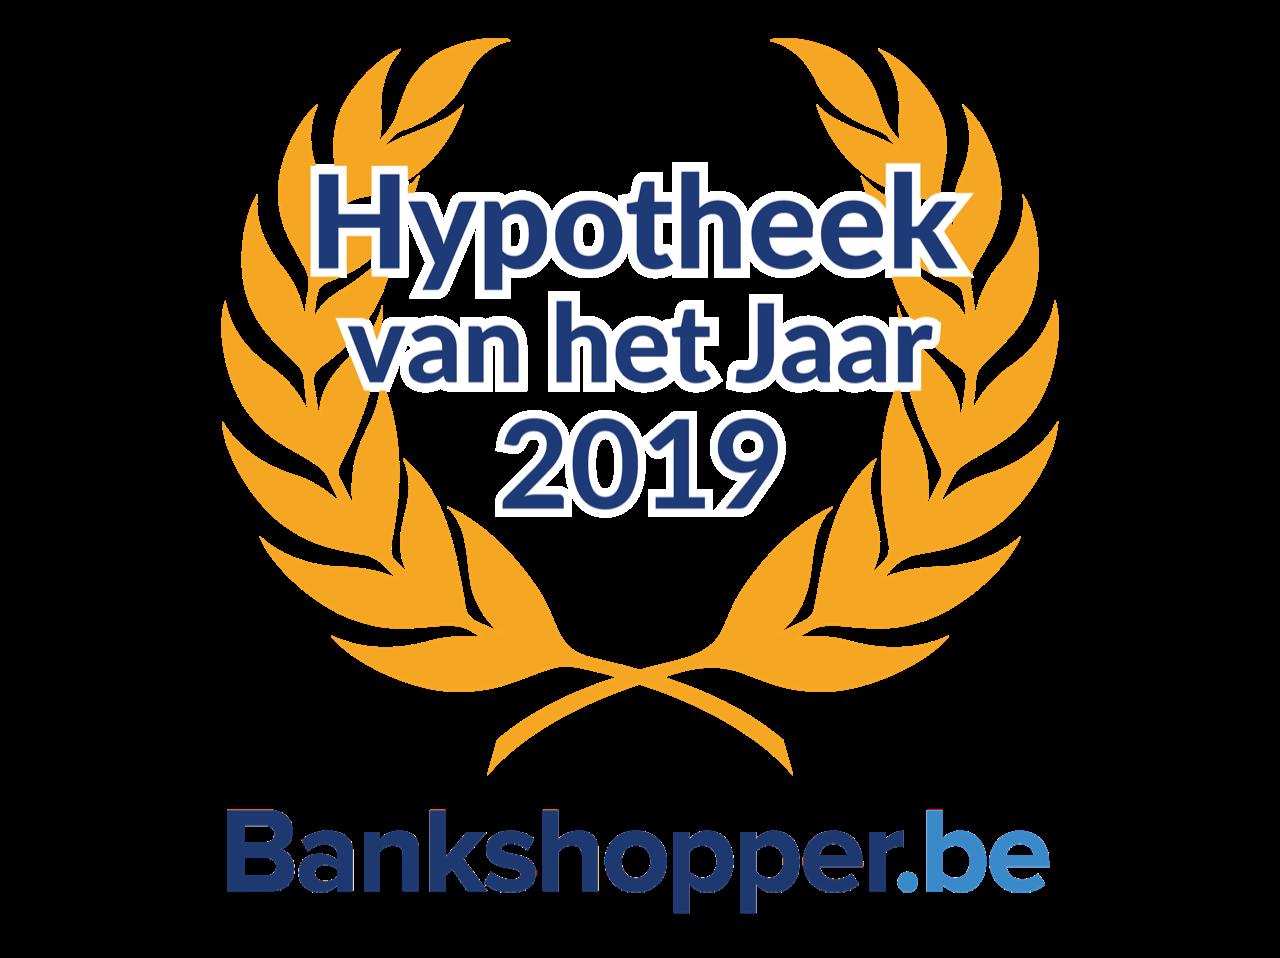 Hypotheek van het jaar 2019